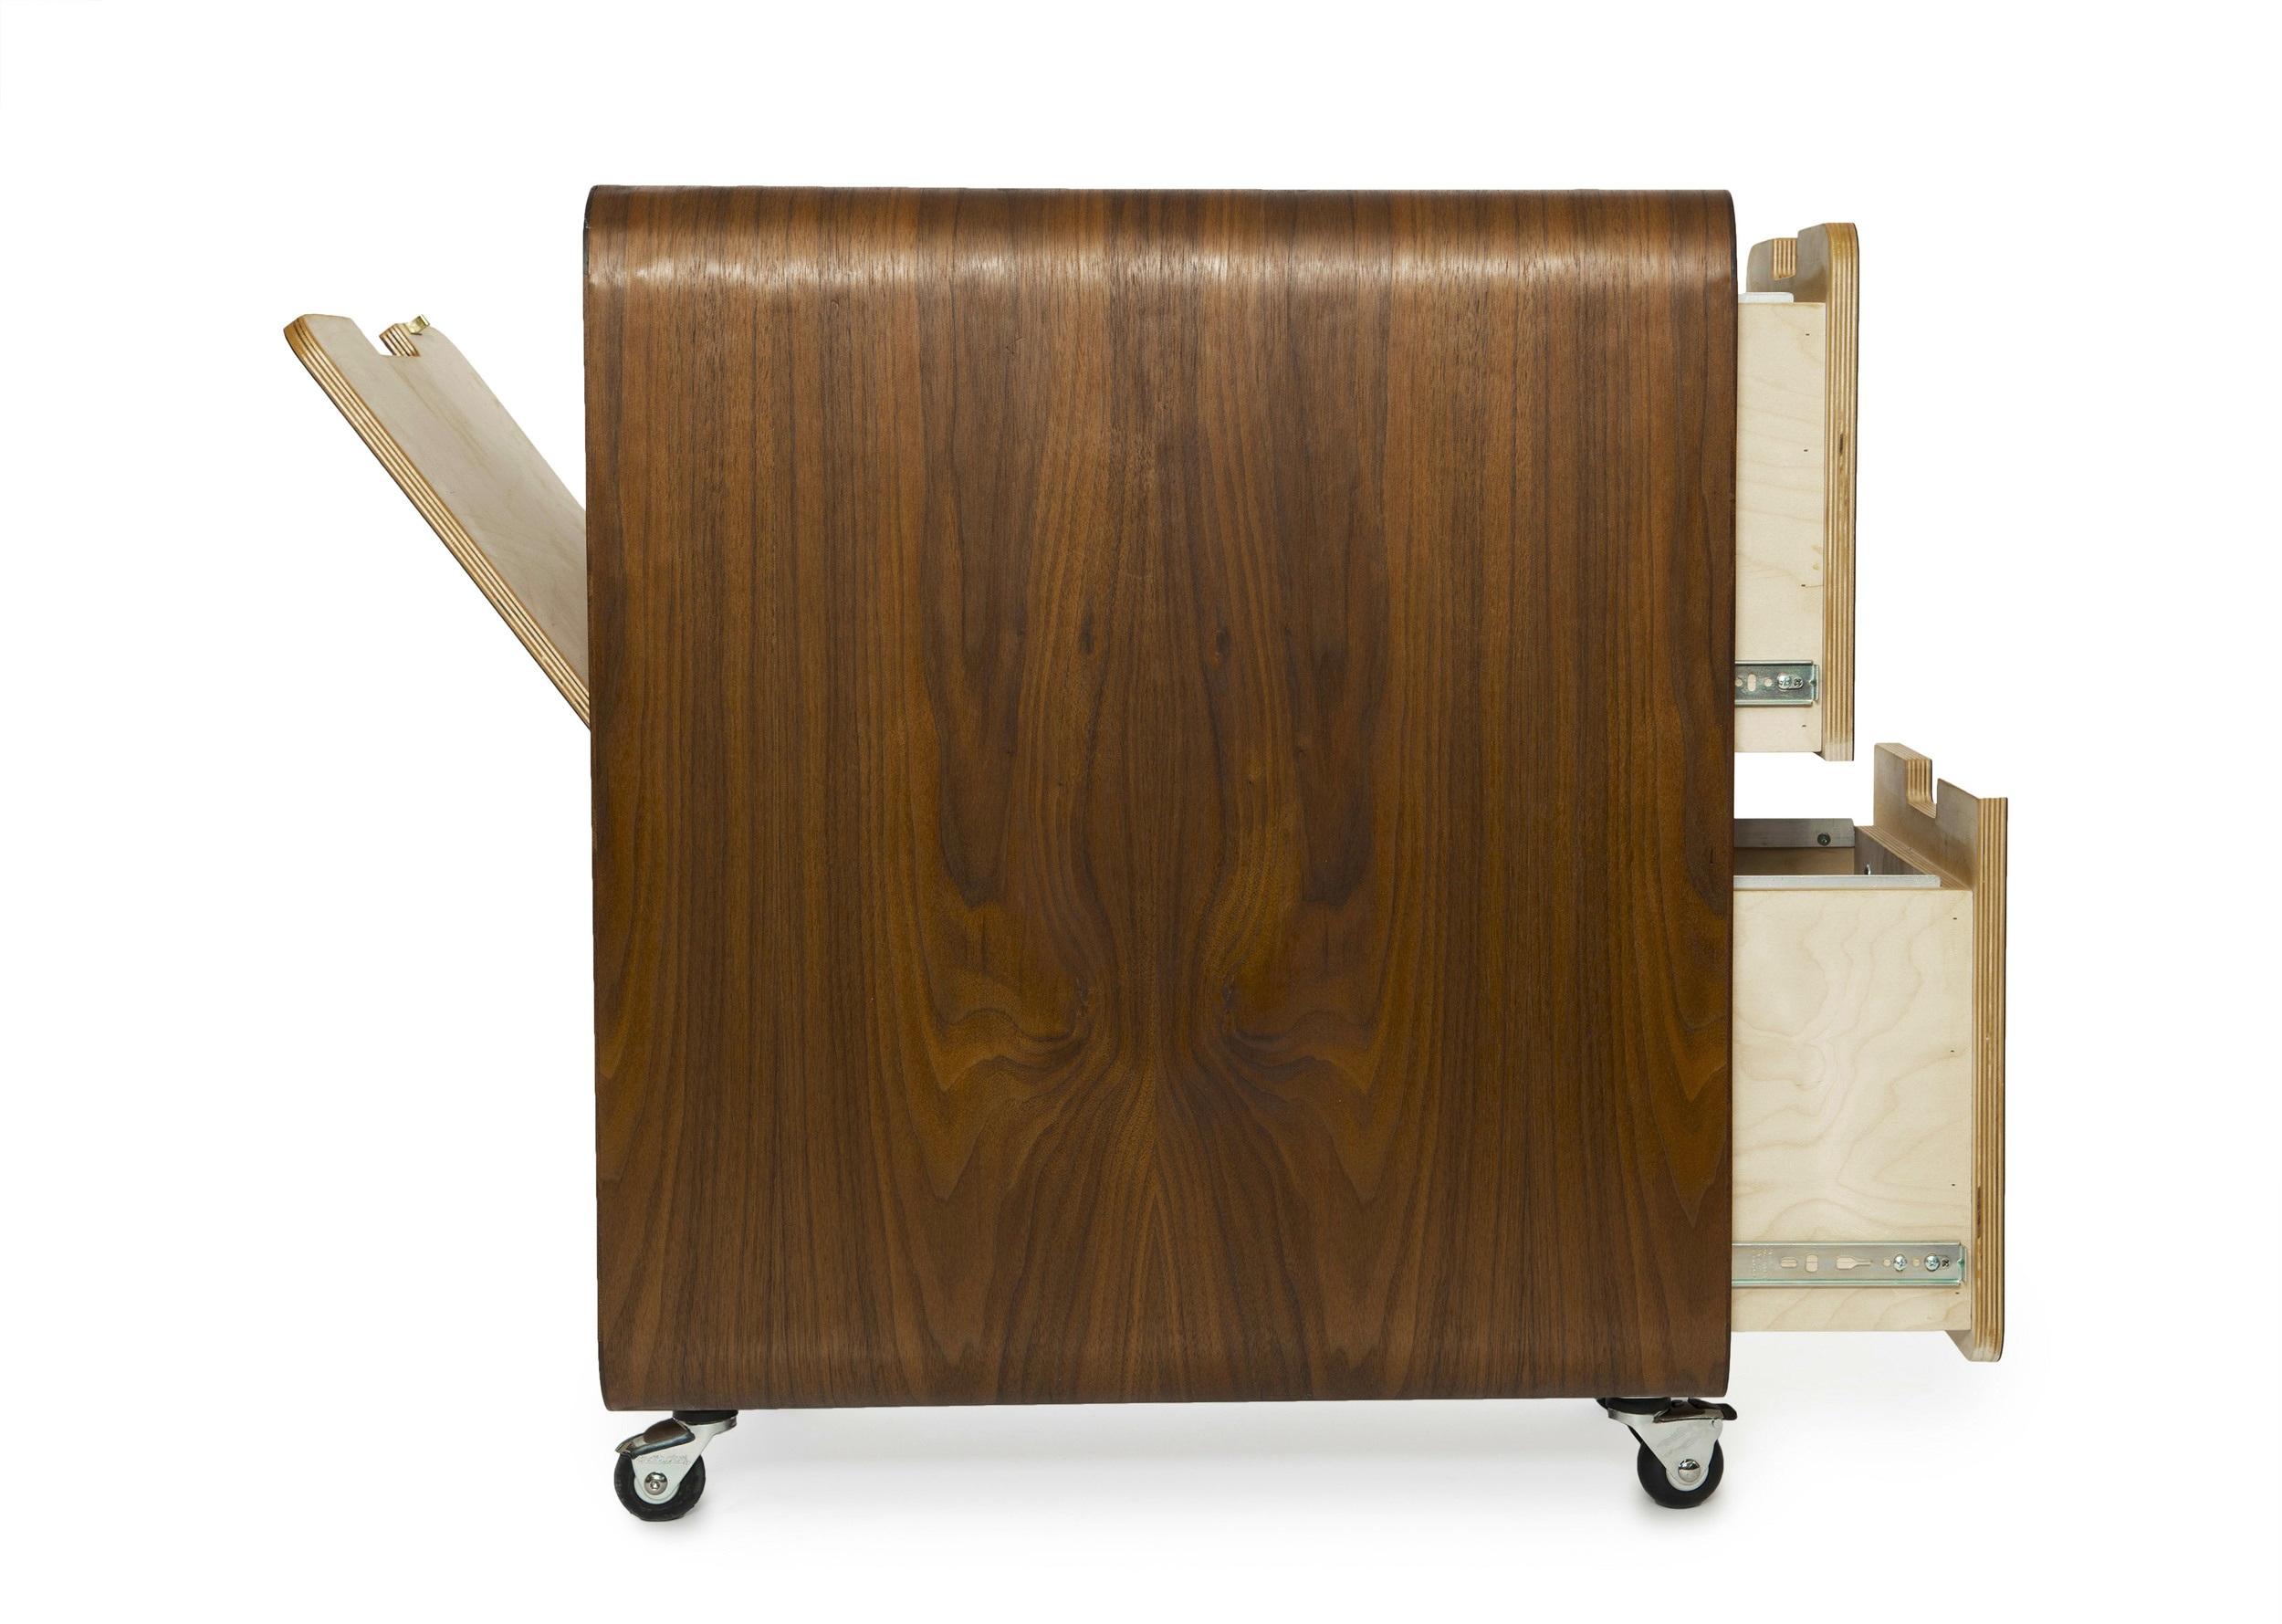 Oblio Filing Cabinet